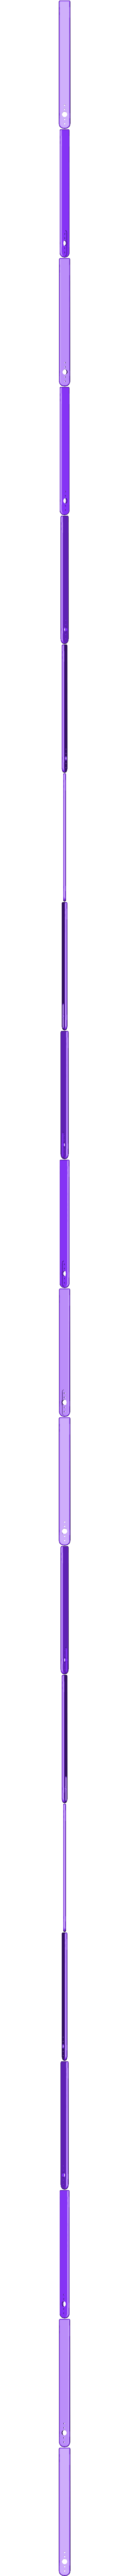 Barriere2.stl Télécharger fichier STL gratuit Barrière avec servomoteur • Objet pour impression 3D, jeek25